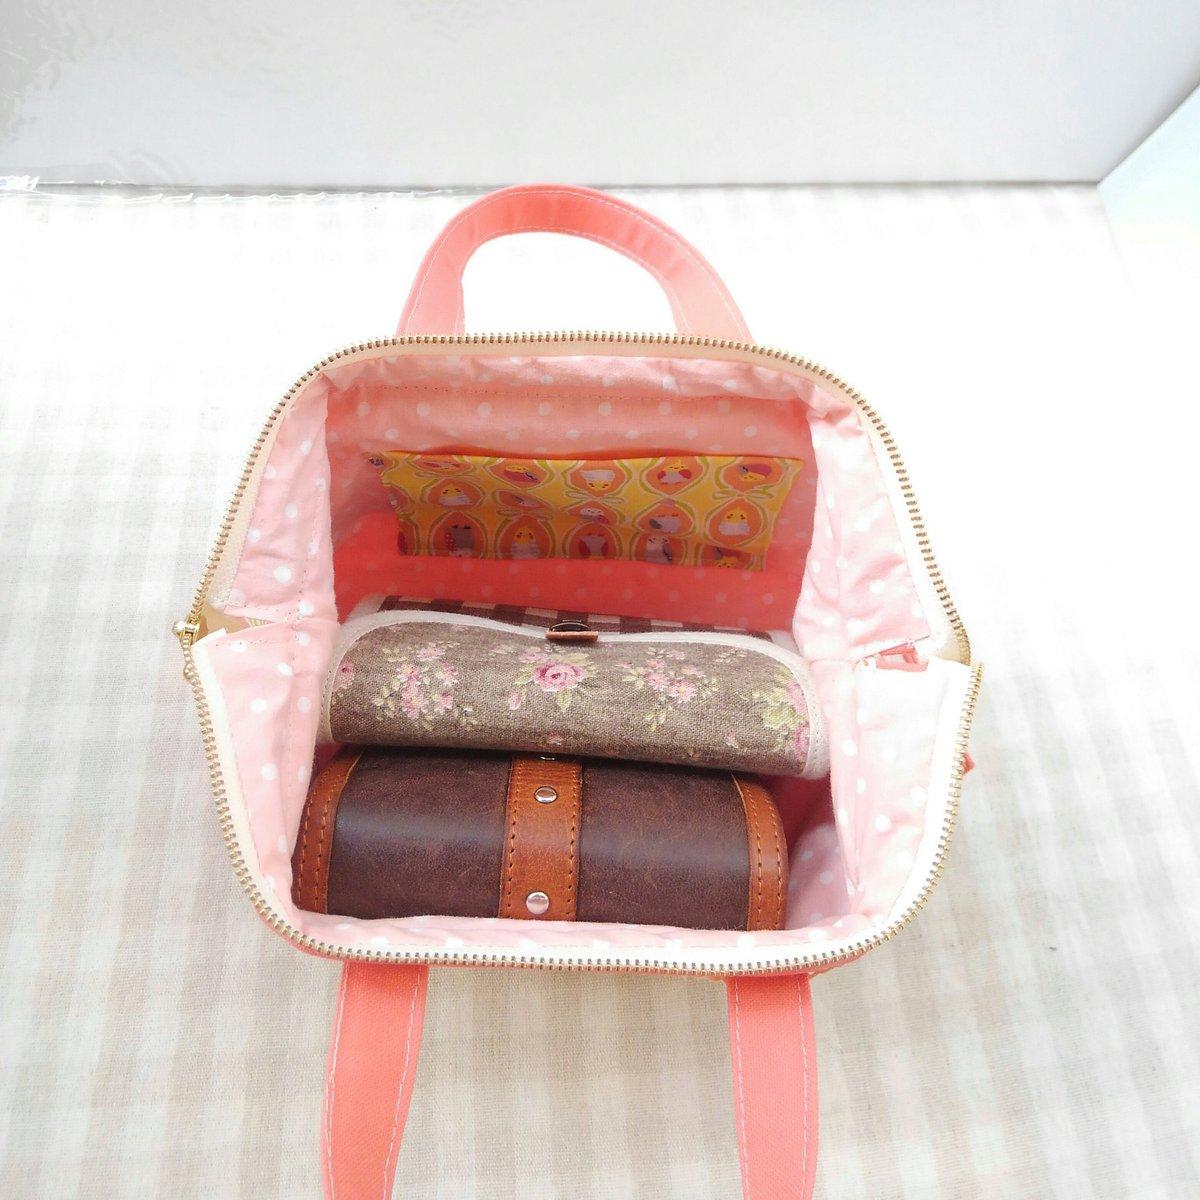 二つ折り財布、カードケースを入れてみました。貴重品をまとめると、大きなバッグのときに貴重品だけ持ち出せて便利です。